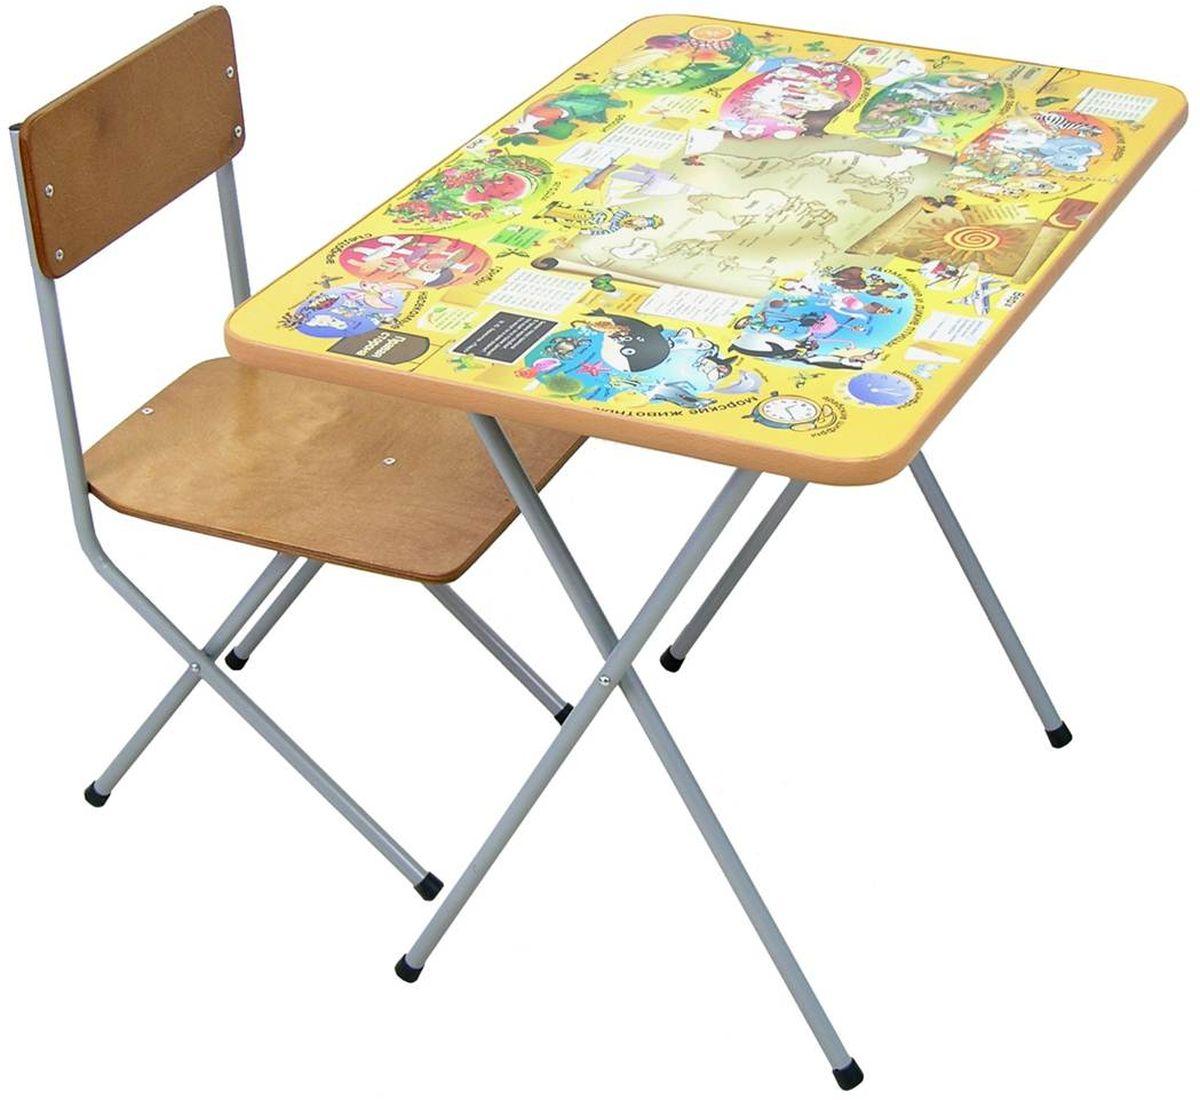 Фея Набор складной детской мебели Досуг цвет желтый5521-01Набор детской складной мебели Фея Досуг, состоящий из стола и стульчика, идеально подойдет для организации детских игр и занятий как в домашних условиях, так и в дошкольных учреждениях. Поверхность стола оформлена яркими обучающими рисунками. За столом можно кушать, рисовать, лепить, собирать различные поделки.Поверхность стола ламинирована, благодаря чему ее легко мыть и чистить. После игры или занятий стул и стол при необходимости можно сложить, что позволяет использовать набор даже в малогабаритных помещениях и способствует его легкой транспортировке. Максимальная нагрузка: на стол - 30 кг, на стул - 40 кг.